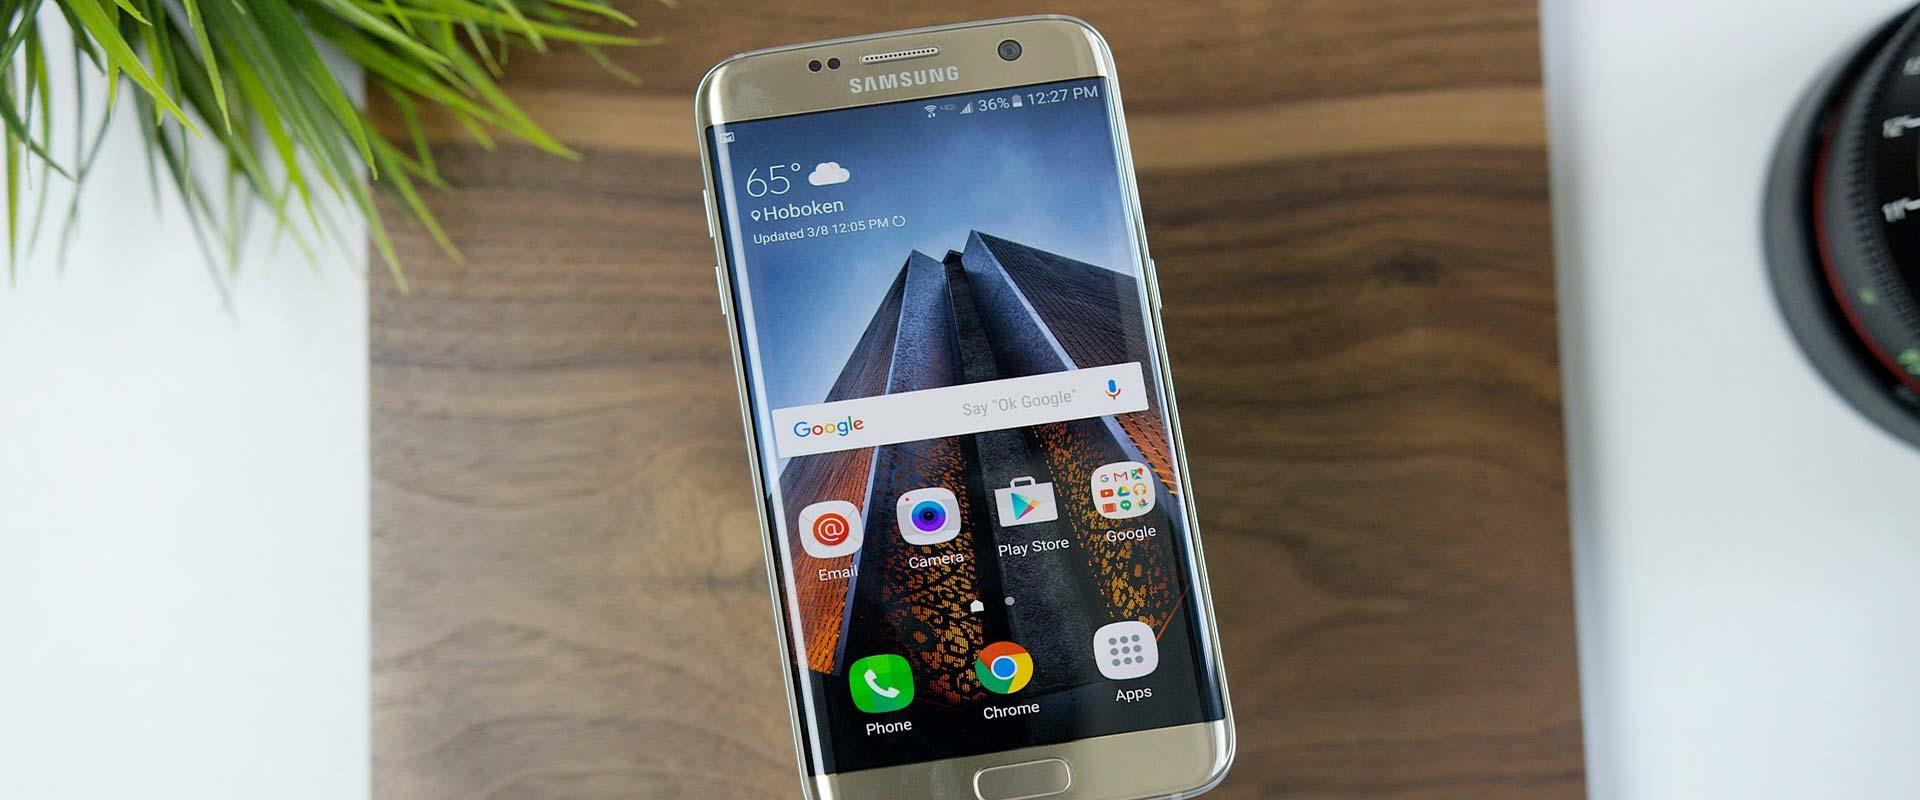 بررسی گوشی موبایل SAMSUNG GALAXY S7 Edge